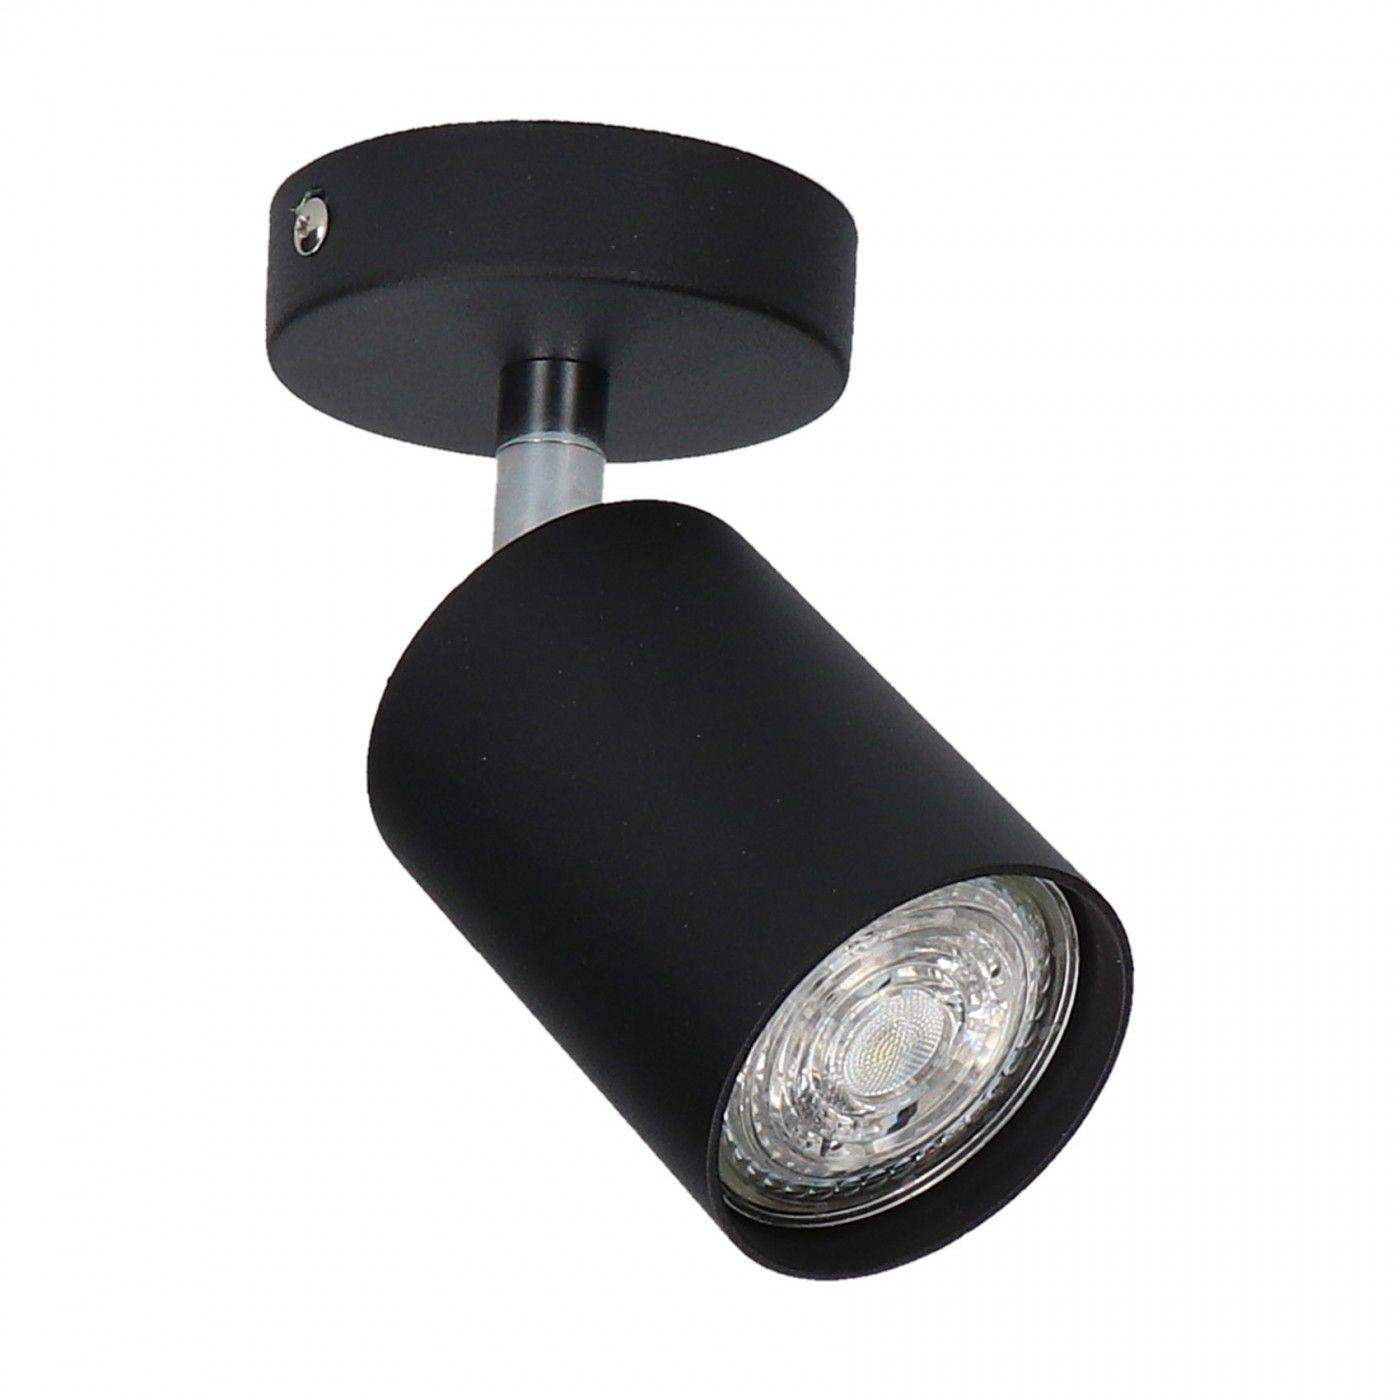 Reflektor Eye Spot 6018 Nowodvorski Lighting uniwersalna oprawa w kolorze czarnym